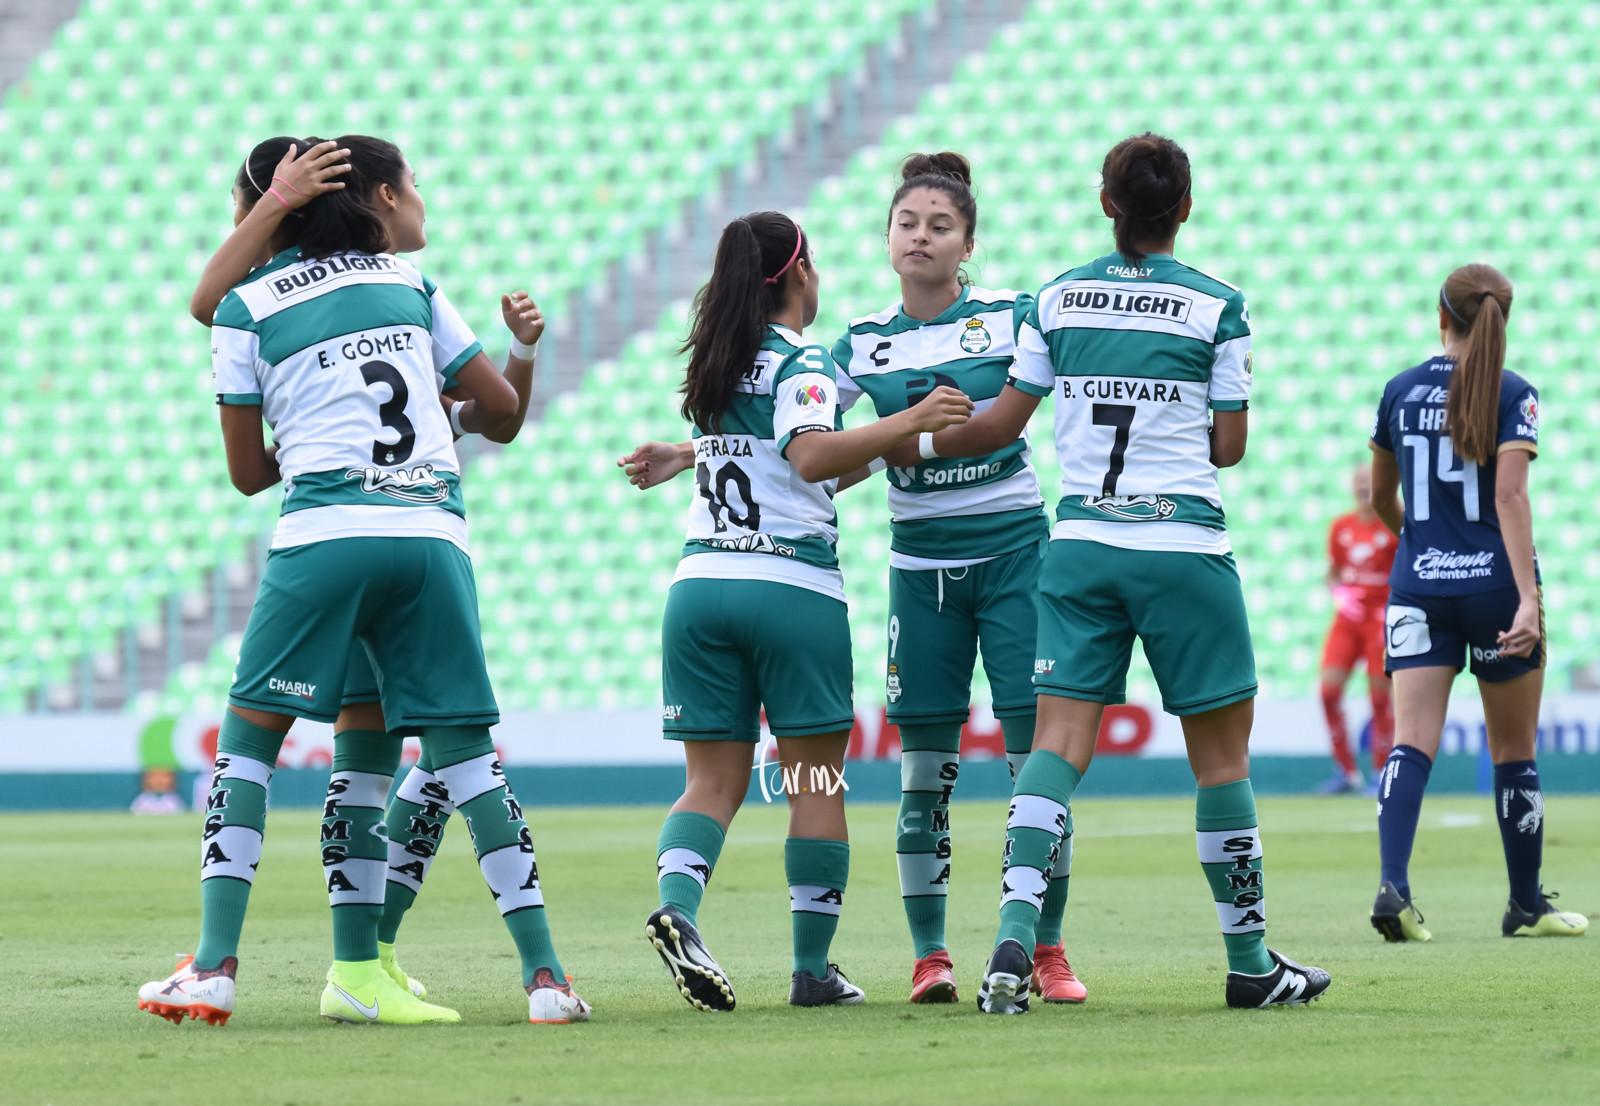 Brenda Guevara, Joseline Hernández, Estela Gómez